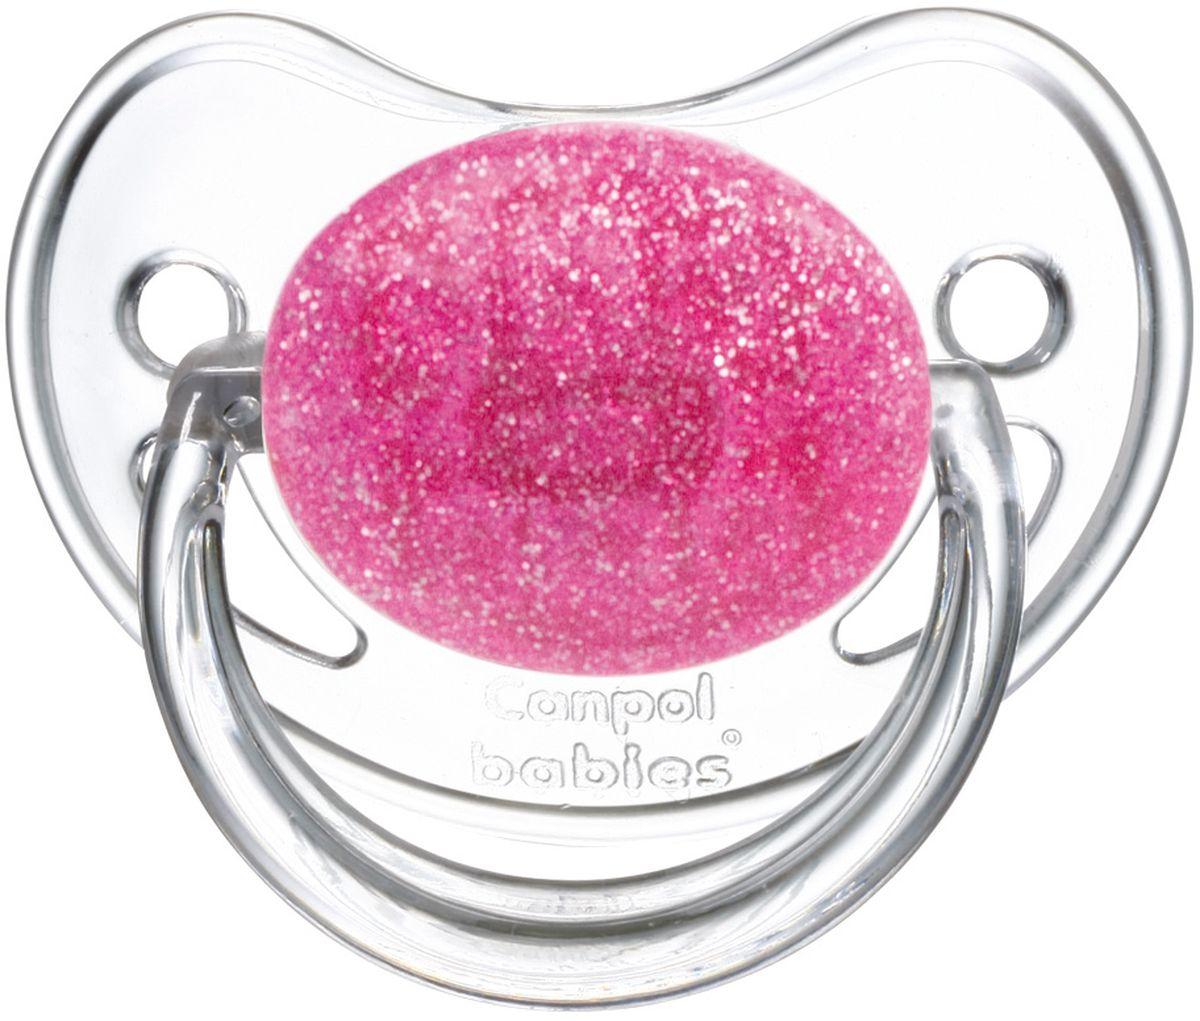 Canpol Babies Пустышка латексная от 0 до 6 месяцев Moonlight цвет розовый